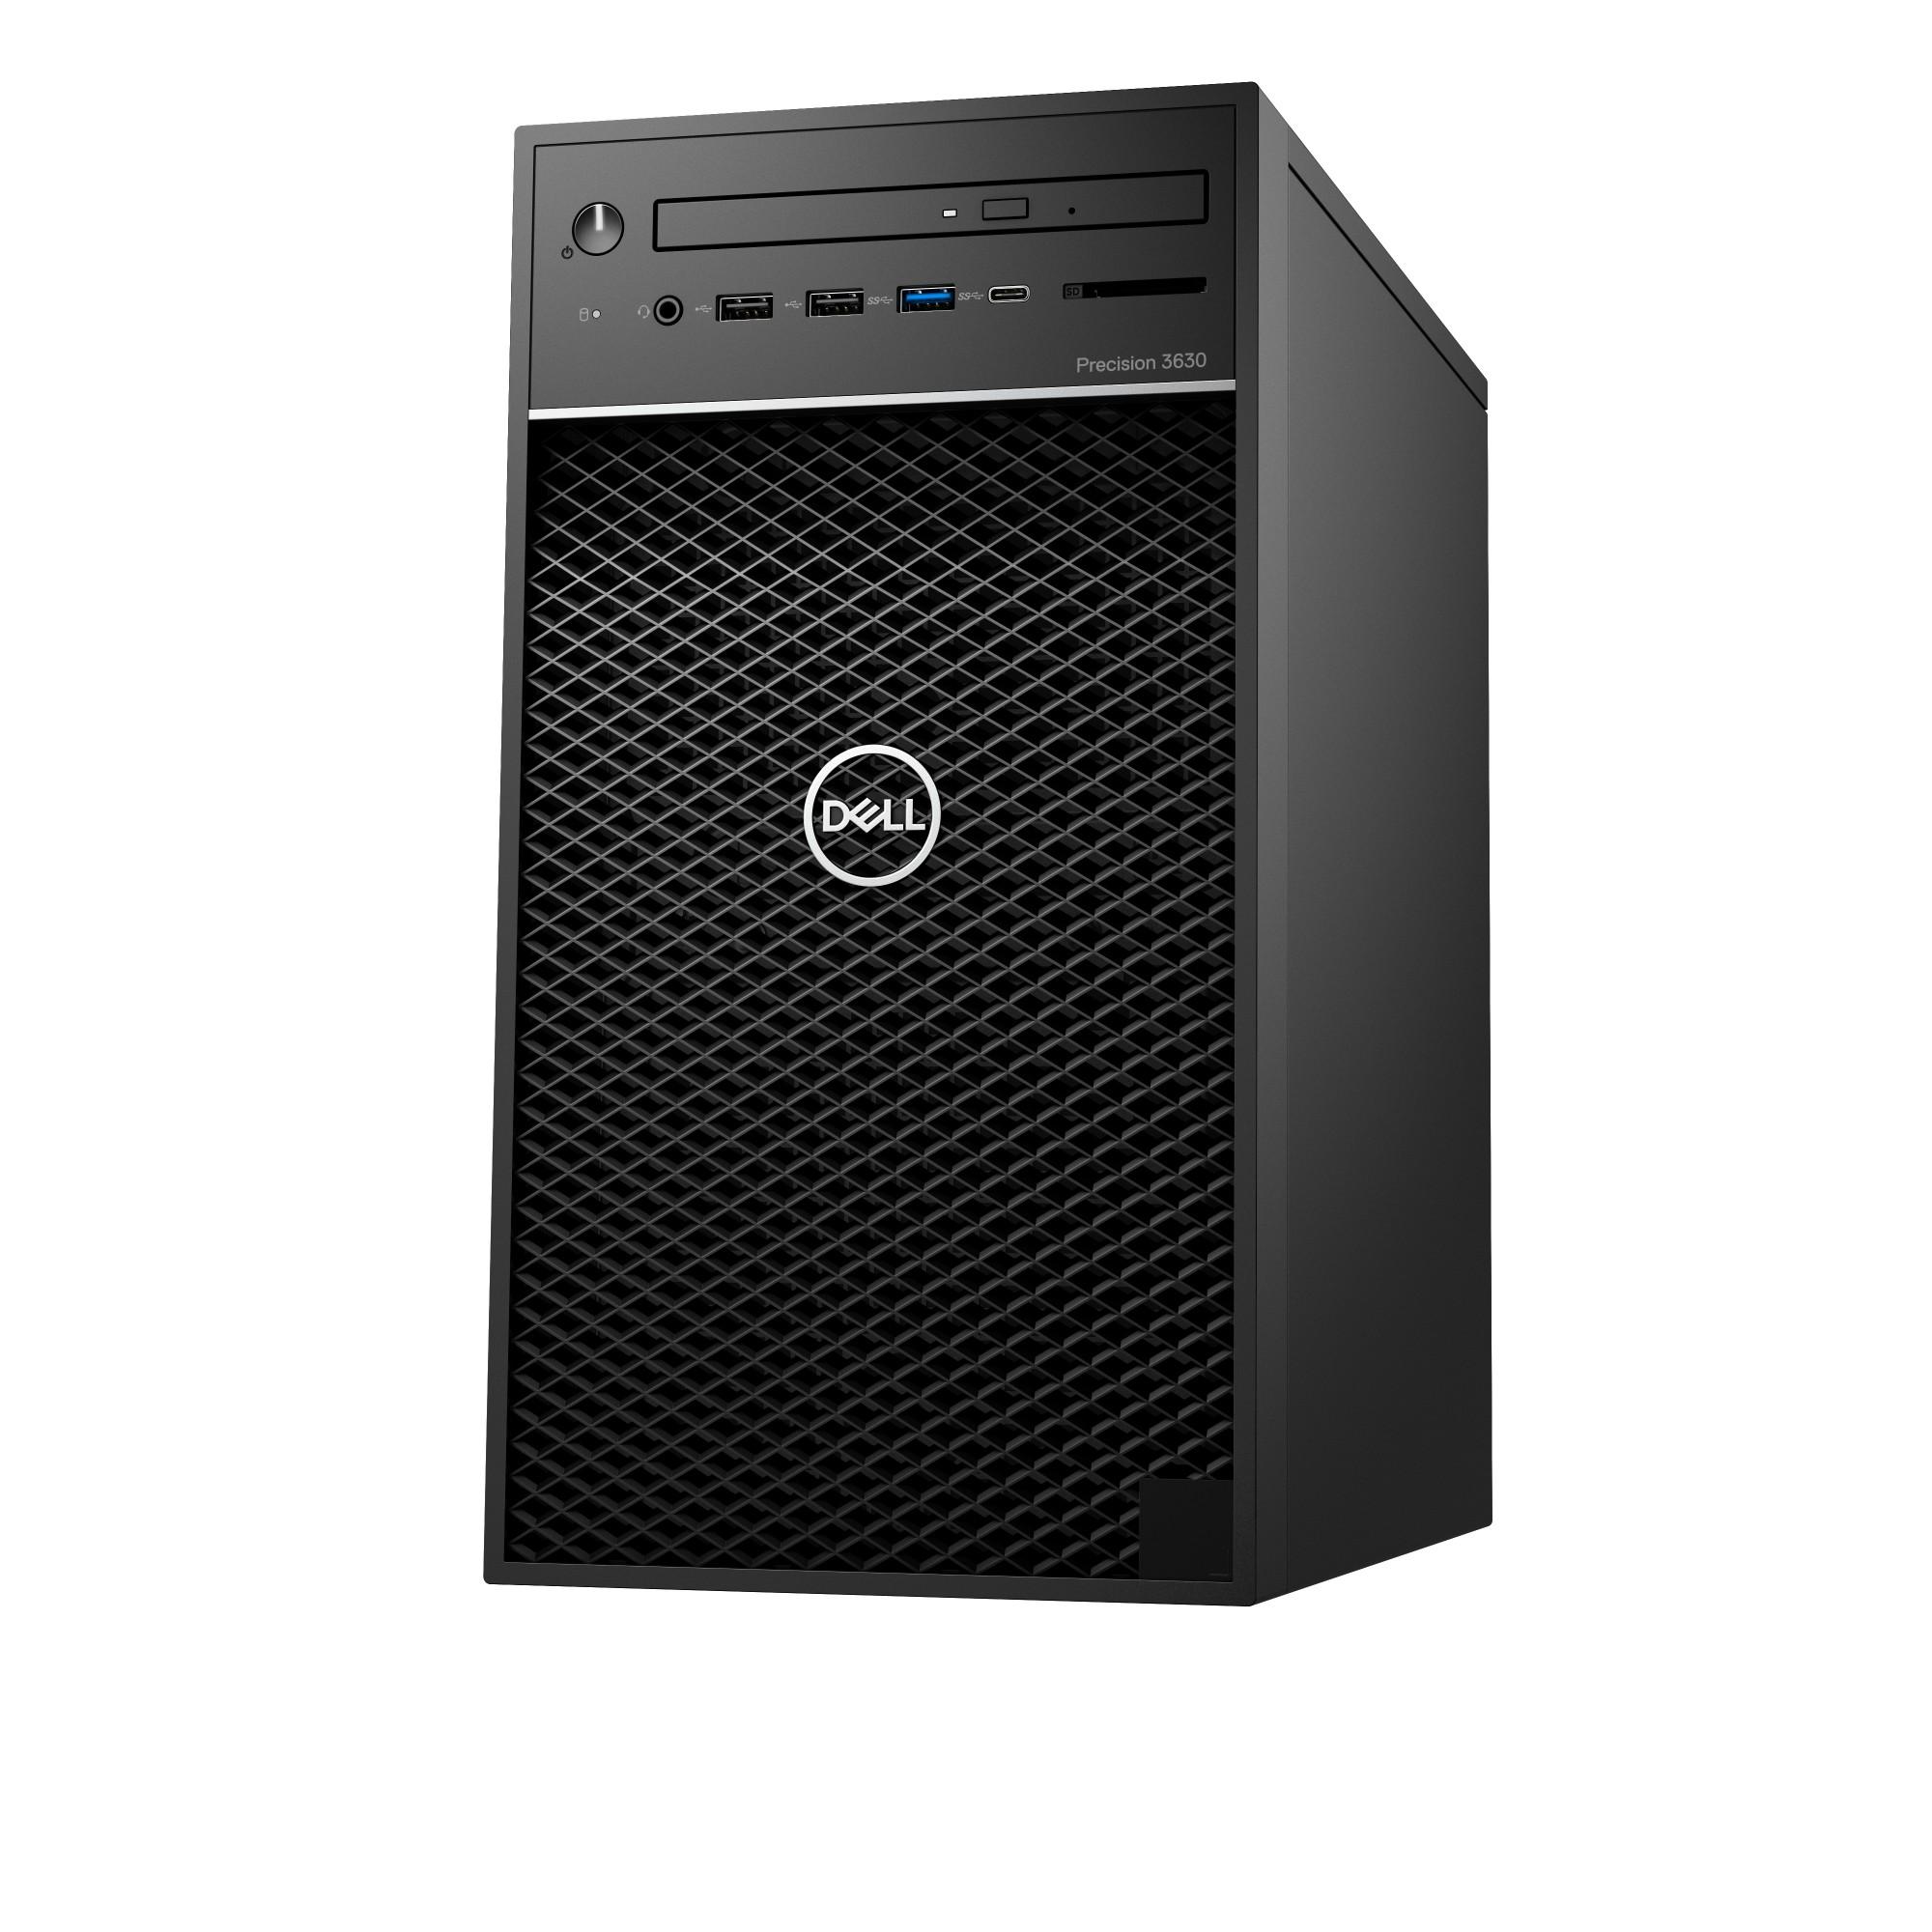 DELL Precision 3630 9th gen Intel® Core™ i7 i7-9700 8 GB DDR4-SDRAM 256 GB SSD Black Tower PC